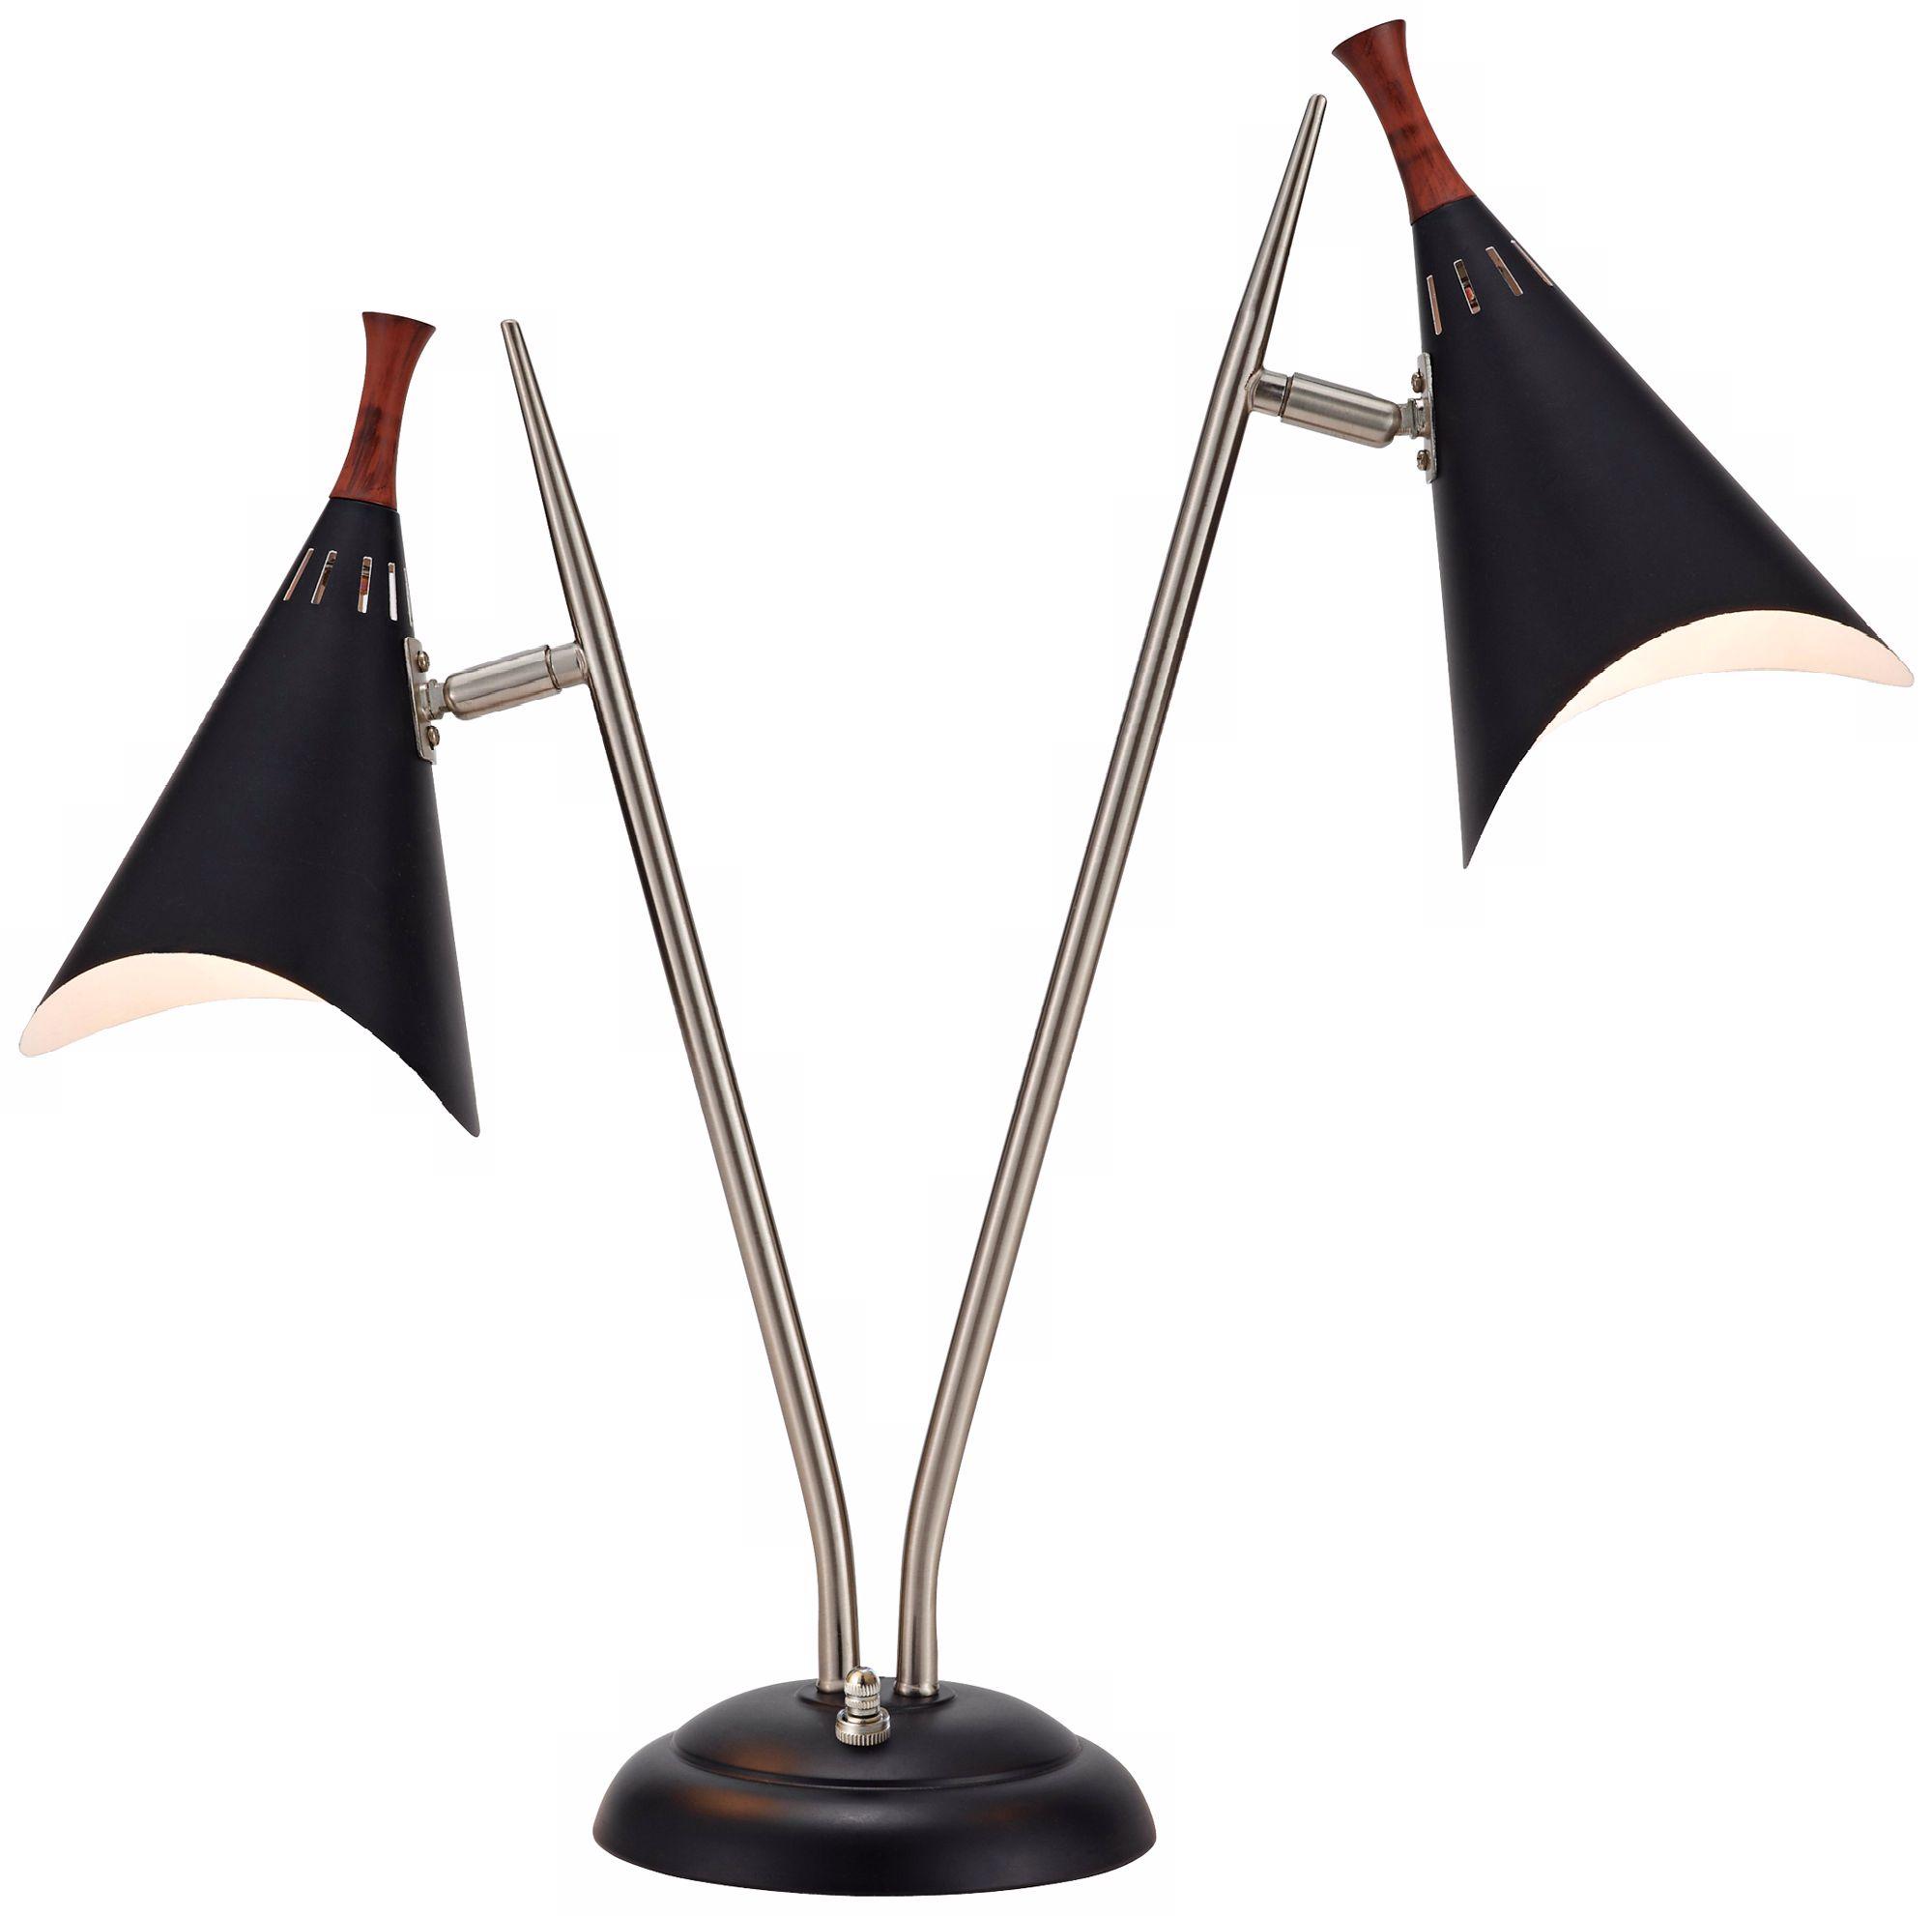 draper midcentury modern desk lamp